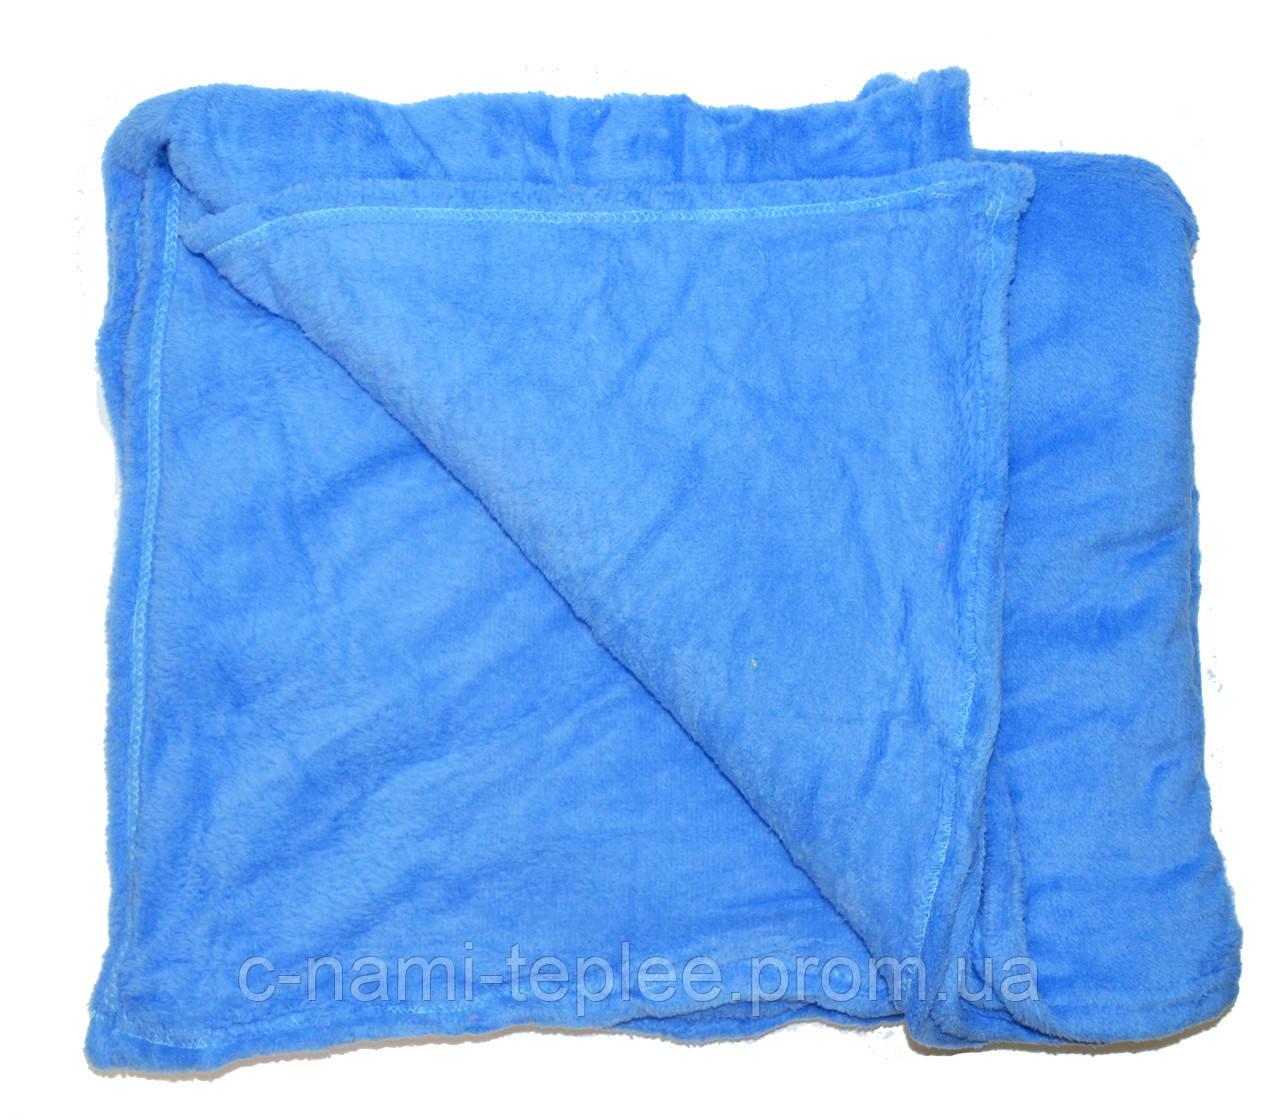 Плед микрофибра однотонный Синий 180х200 см